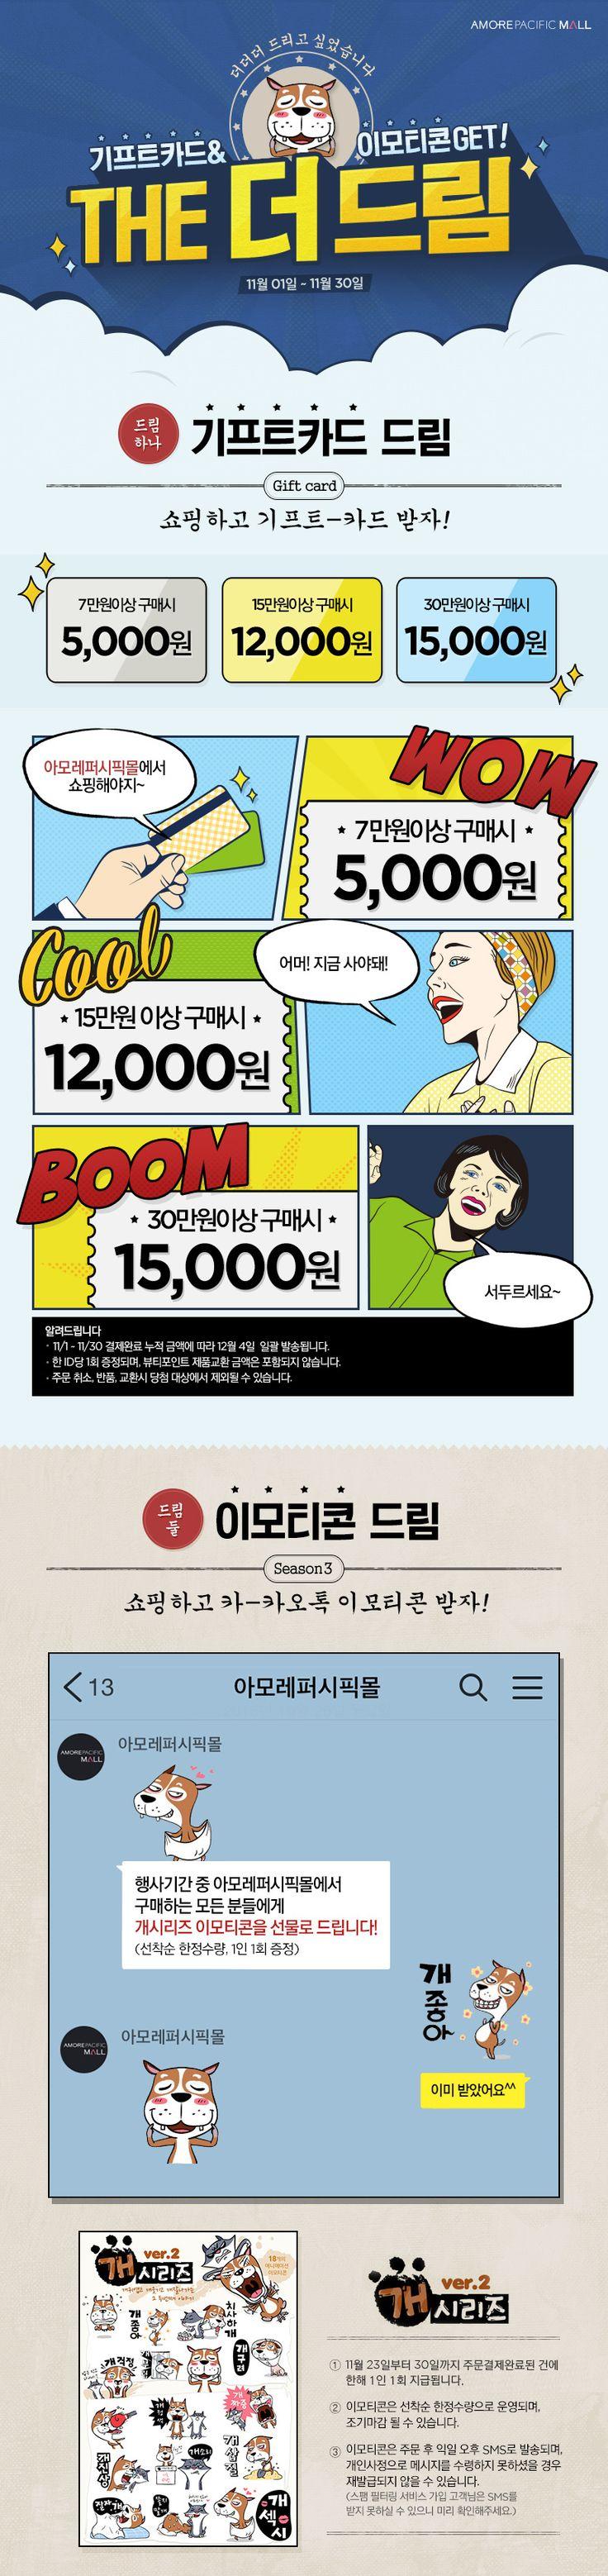 화장품 사고! 기프트카드 GET! 이모티콘 GET! – 아모레퍼시픽 쇼핑몰